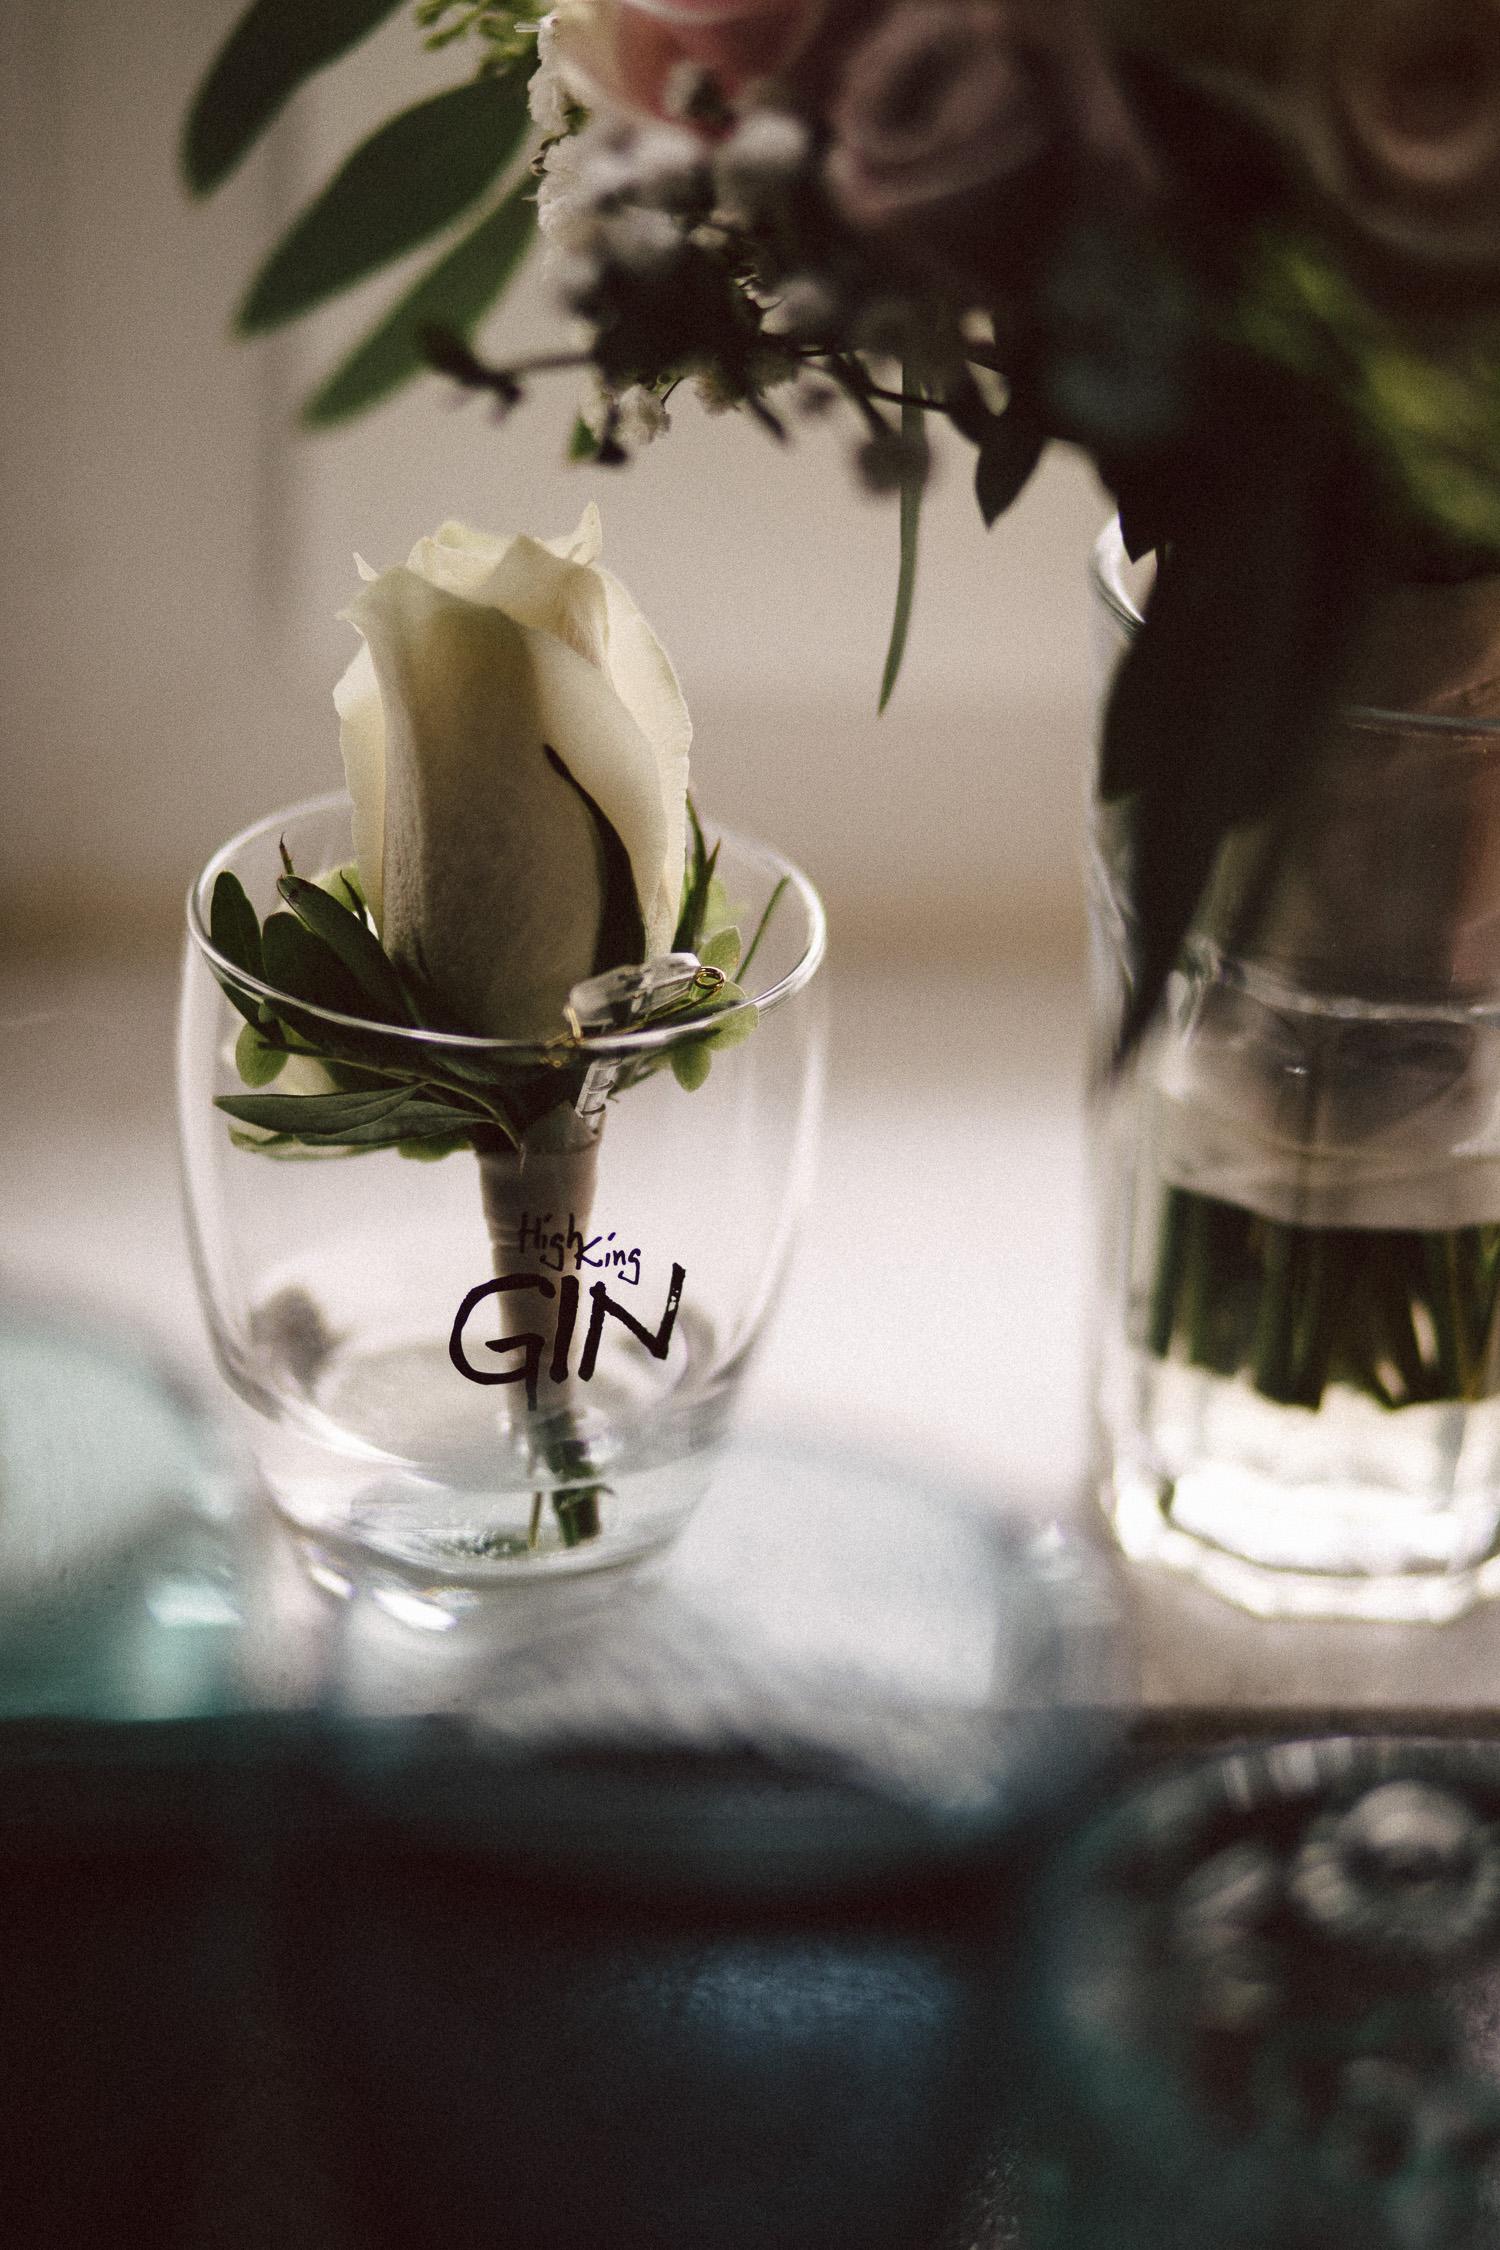 Sarah-Sven-Hochzeitsreportage-11a Yogalehrerin heiratet Handball Trainer Hochzeitreportage